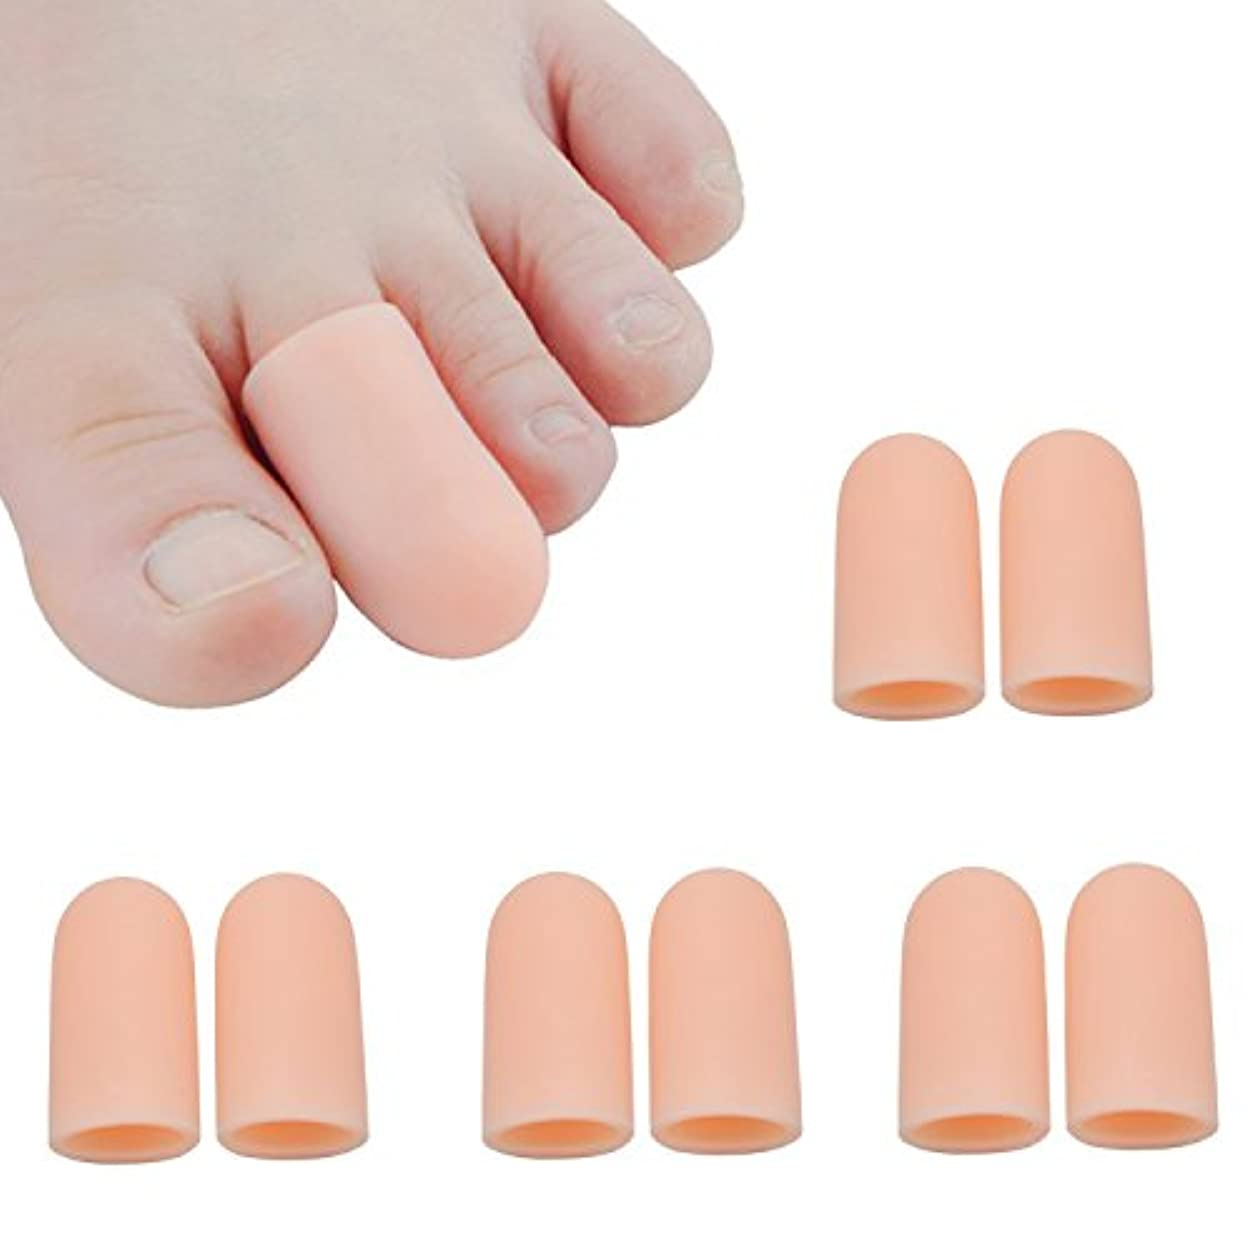 真っ逆さま小間押し下げる足指保護キャップ つま先プロテクター 足先のつめ保護キャップ シリコン (肌の色)